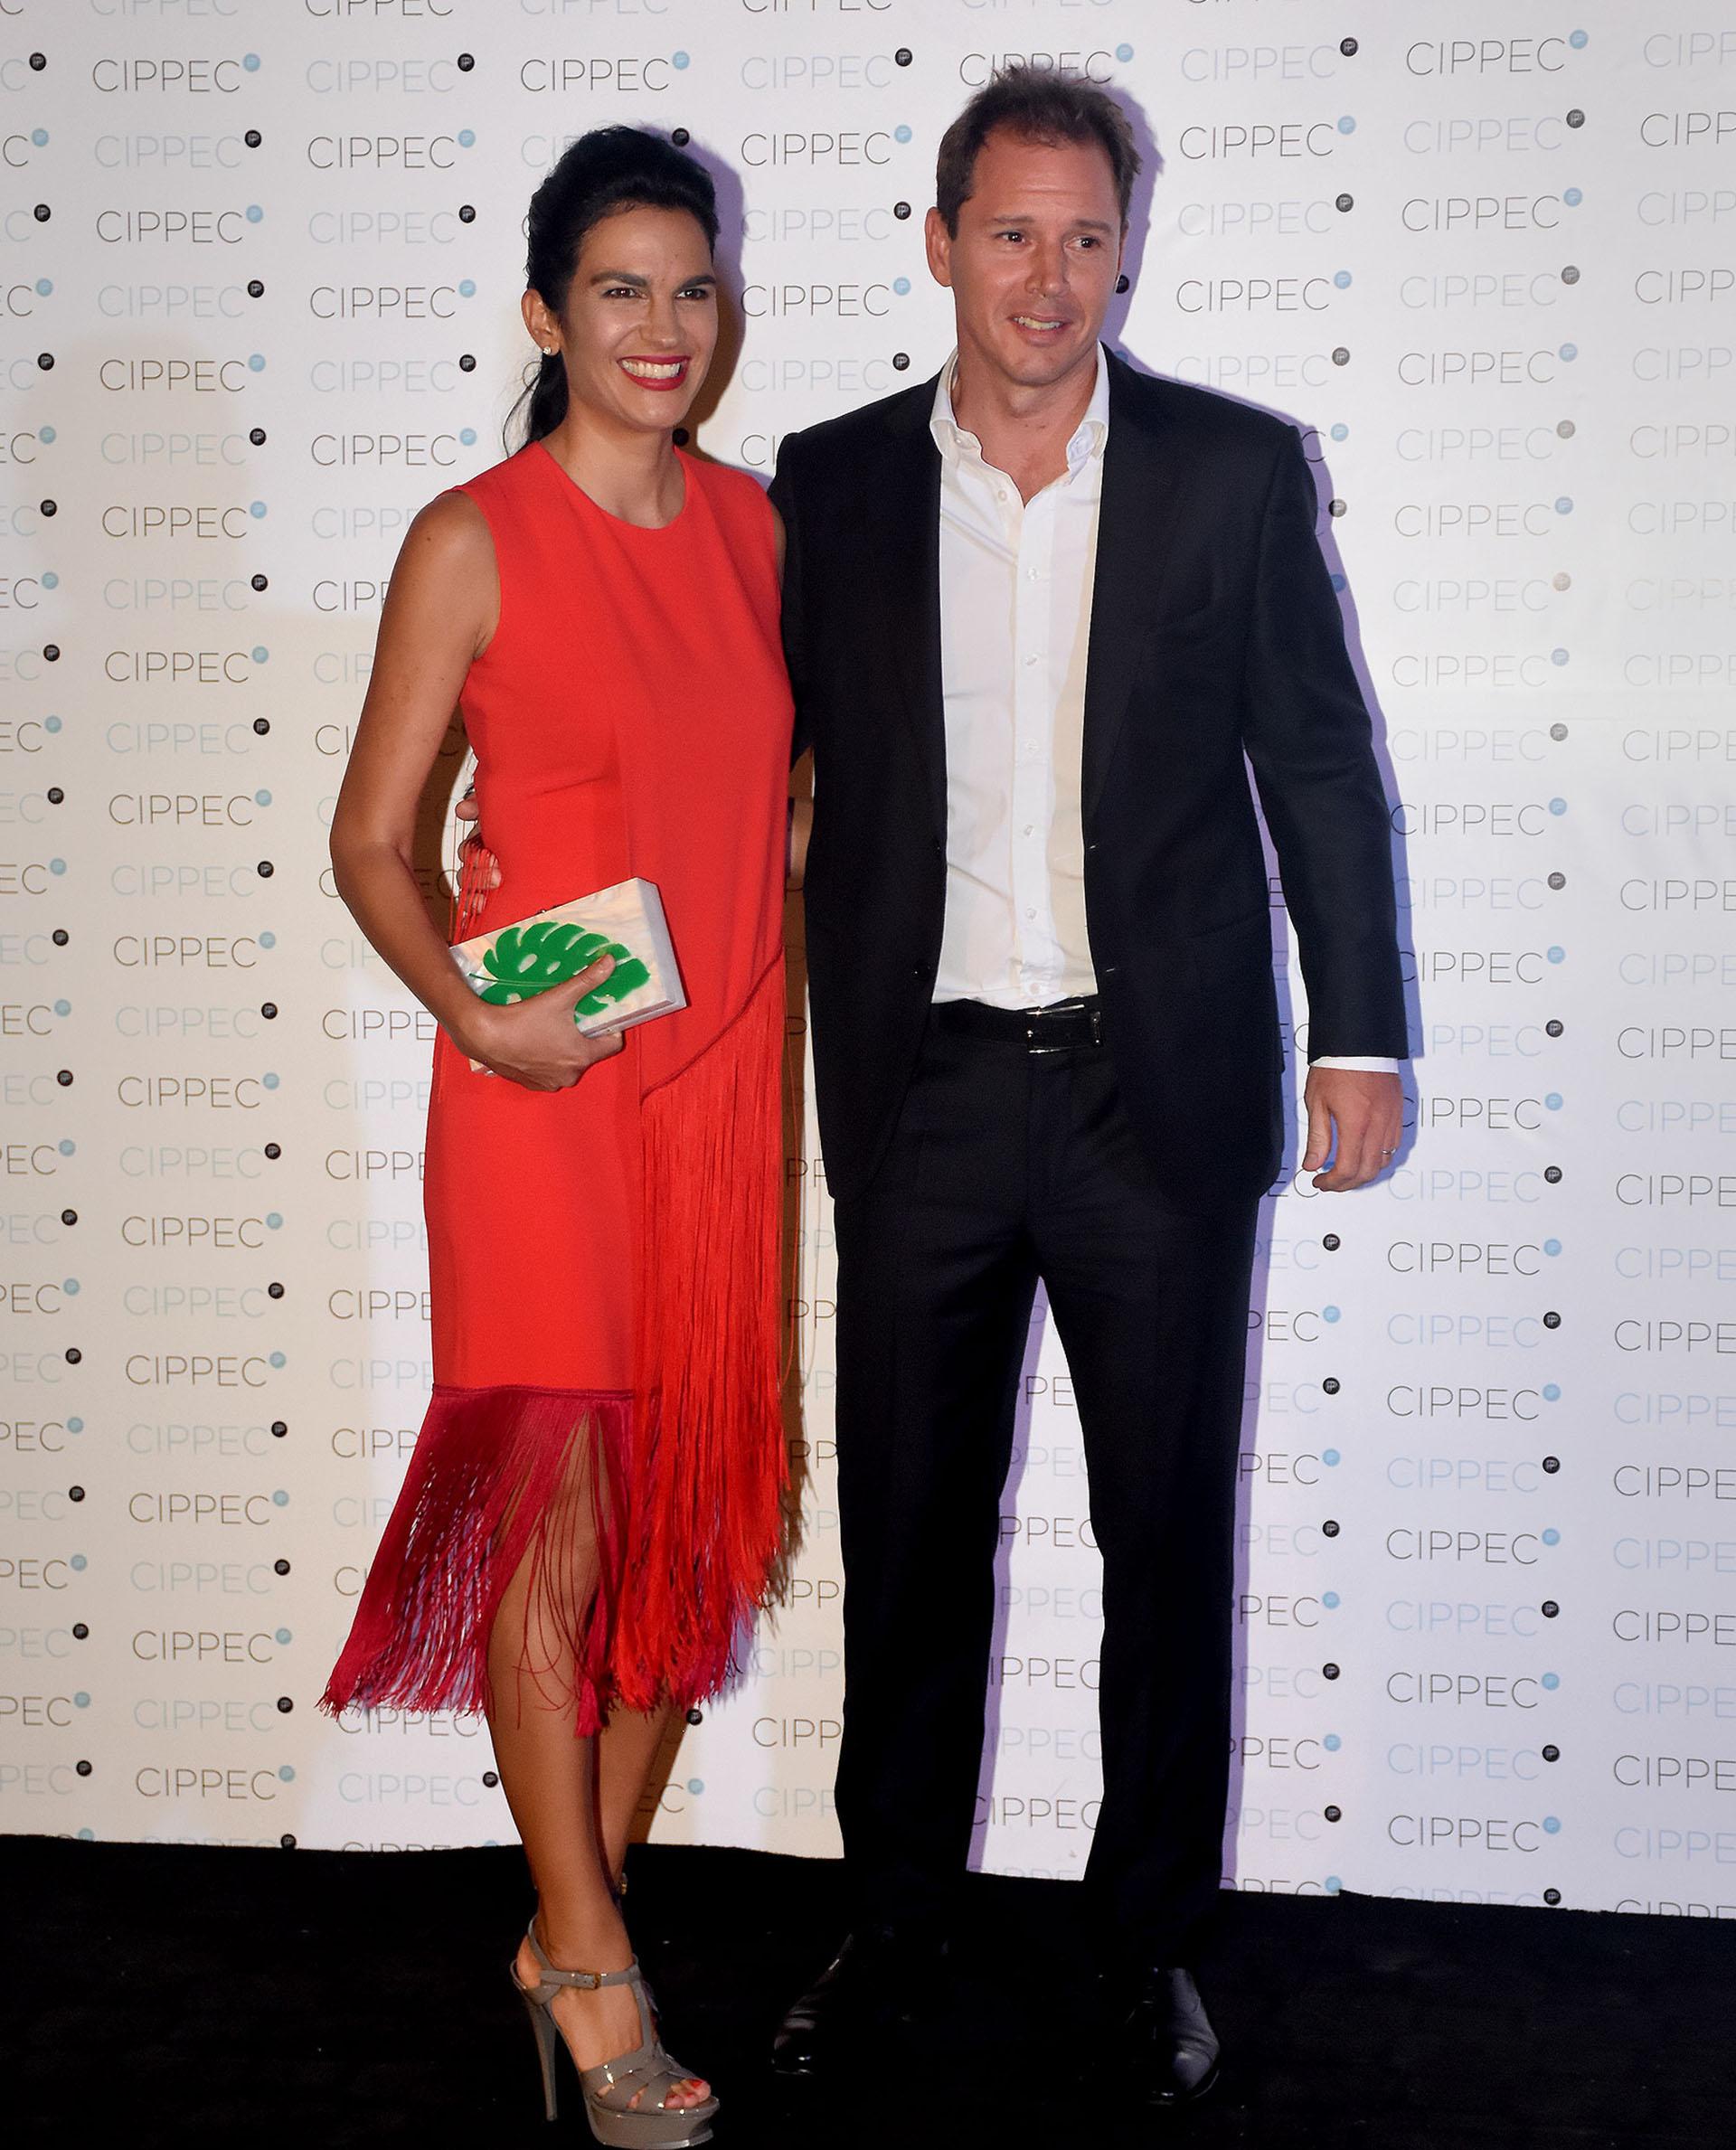 El presidente de ADEBA y vicepresidente primero de River Plate, Jorge Brito (h), y su mujer Gabriela Vaca Guzman